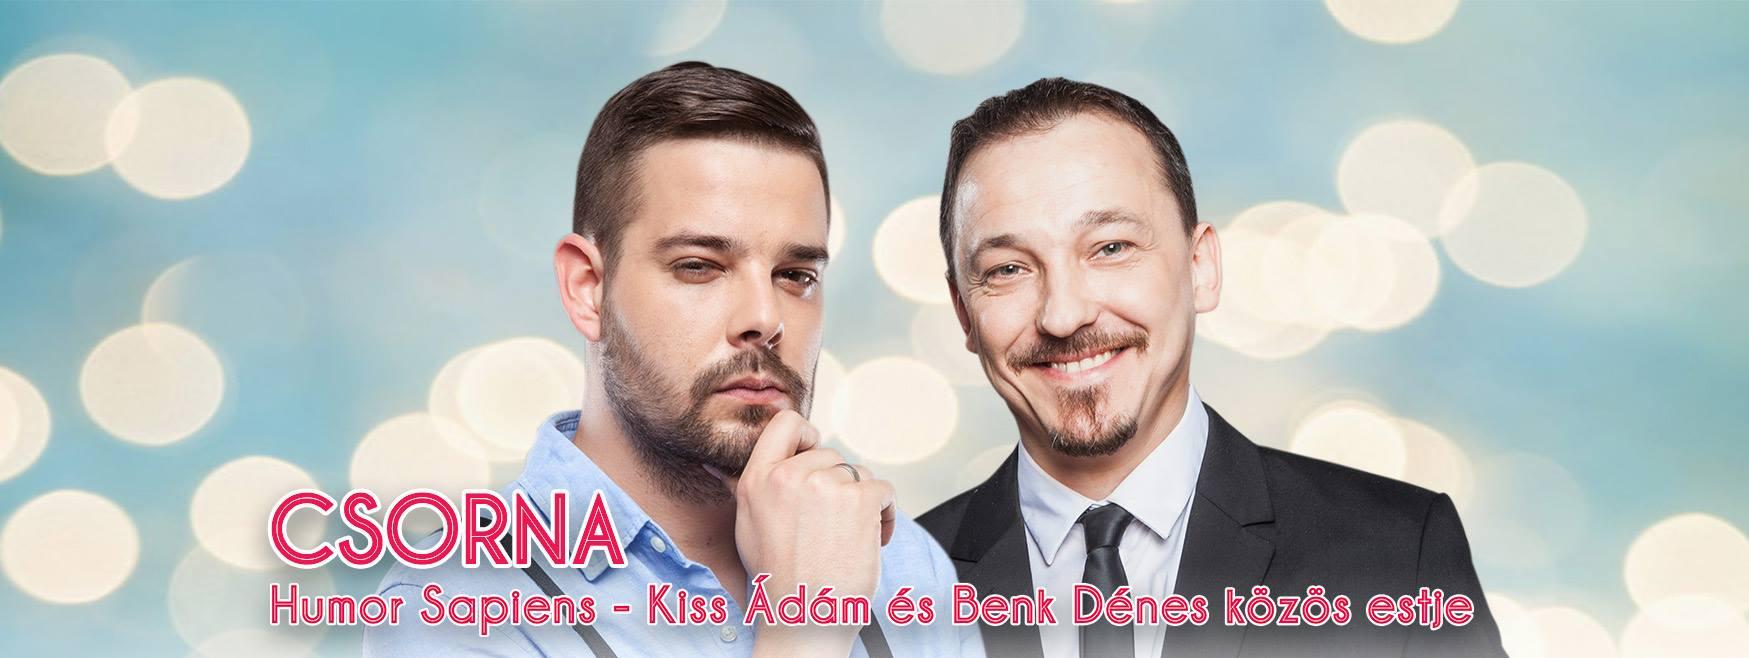 kiss_adam_benk_denes